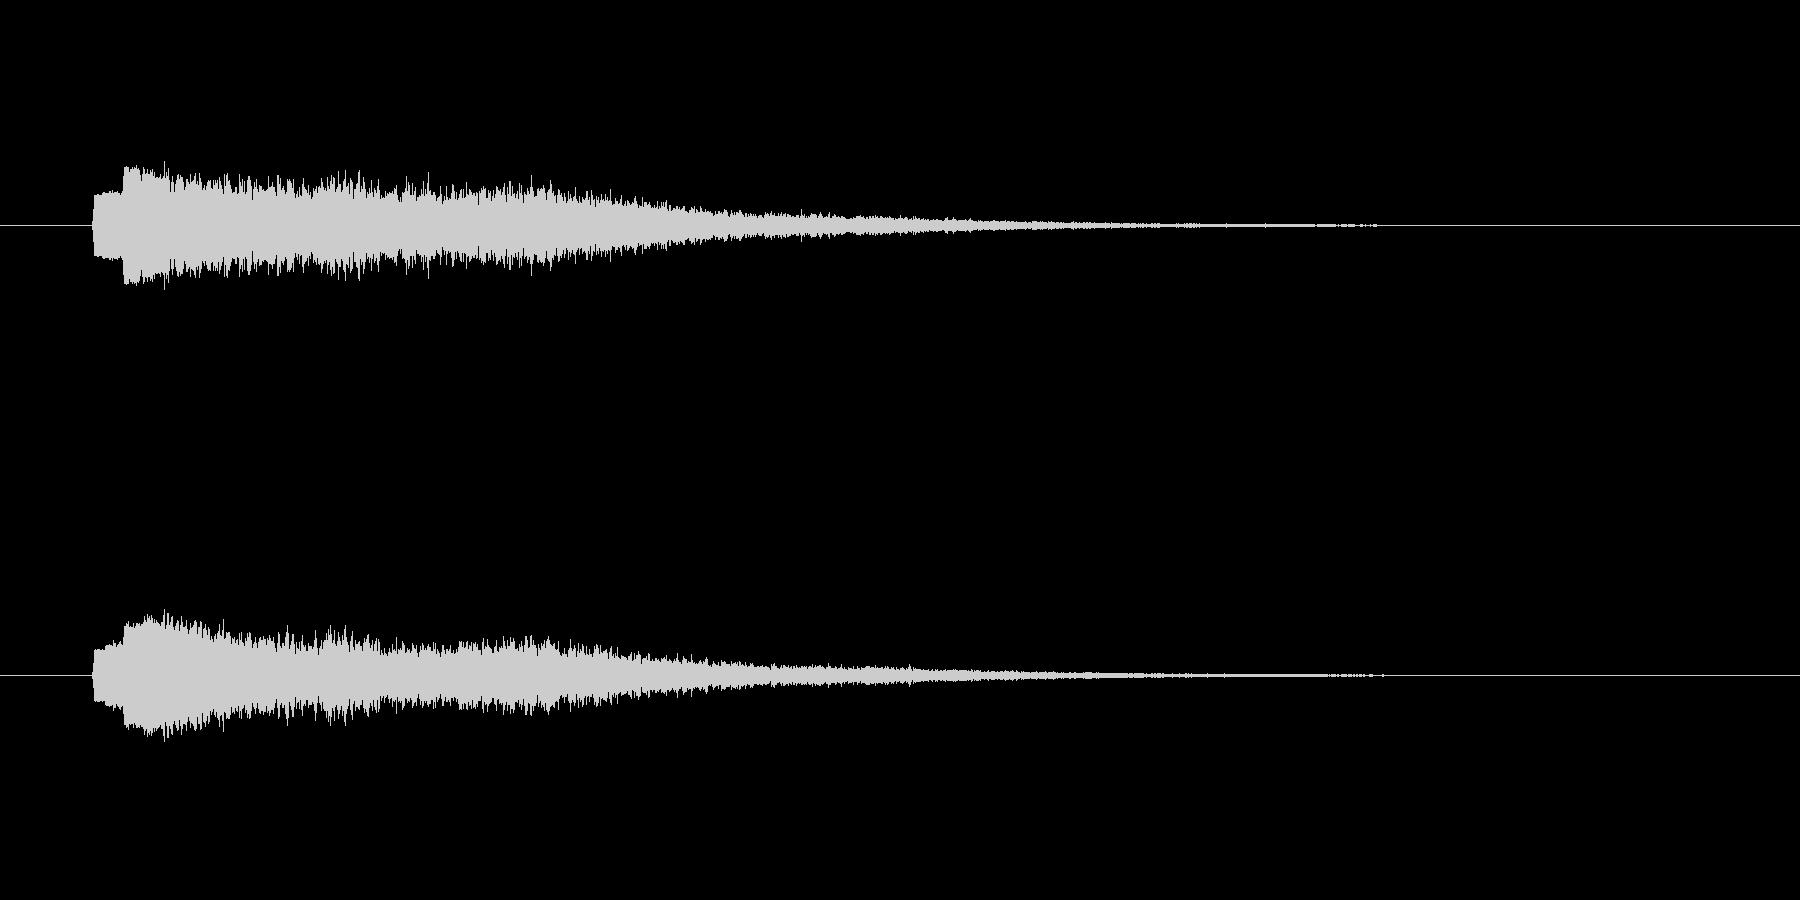 シャーーーン(幻想的な決定音、流れ星)の未再生の波形